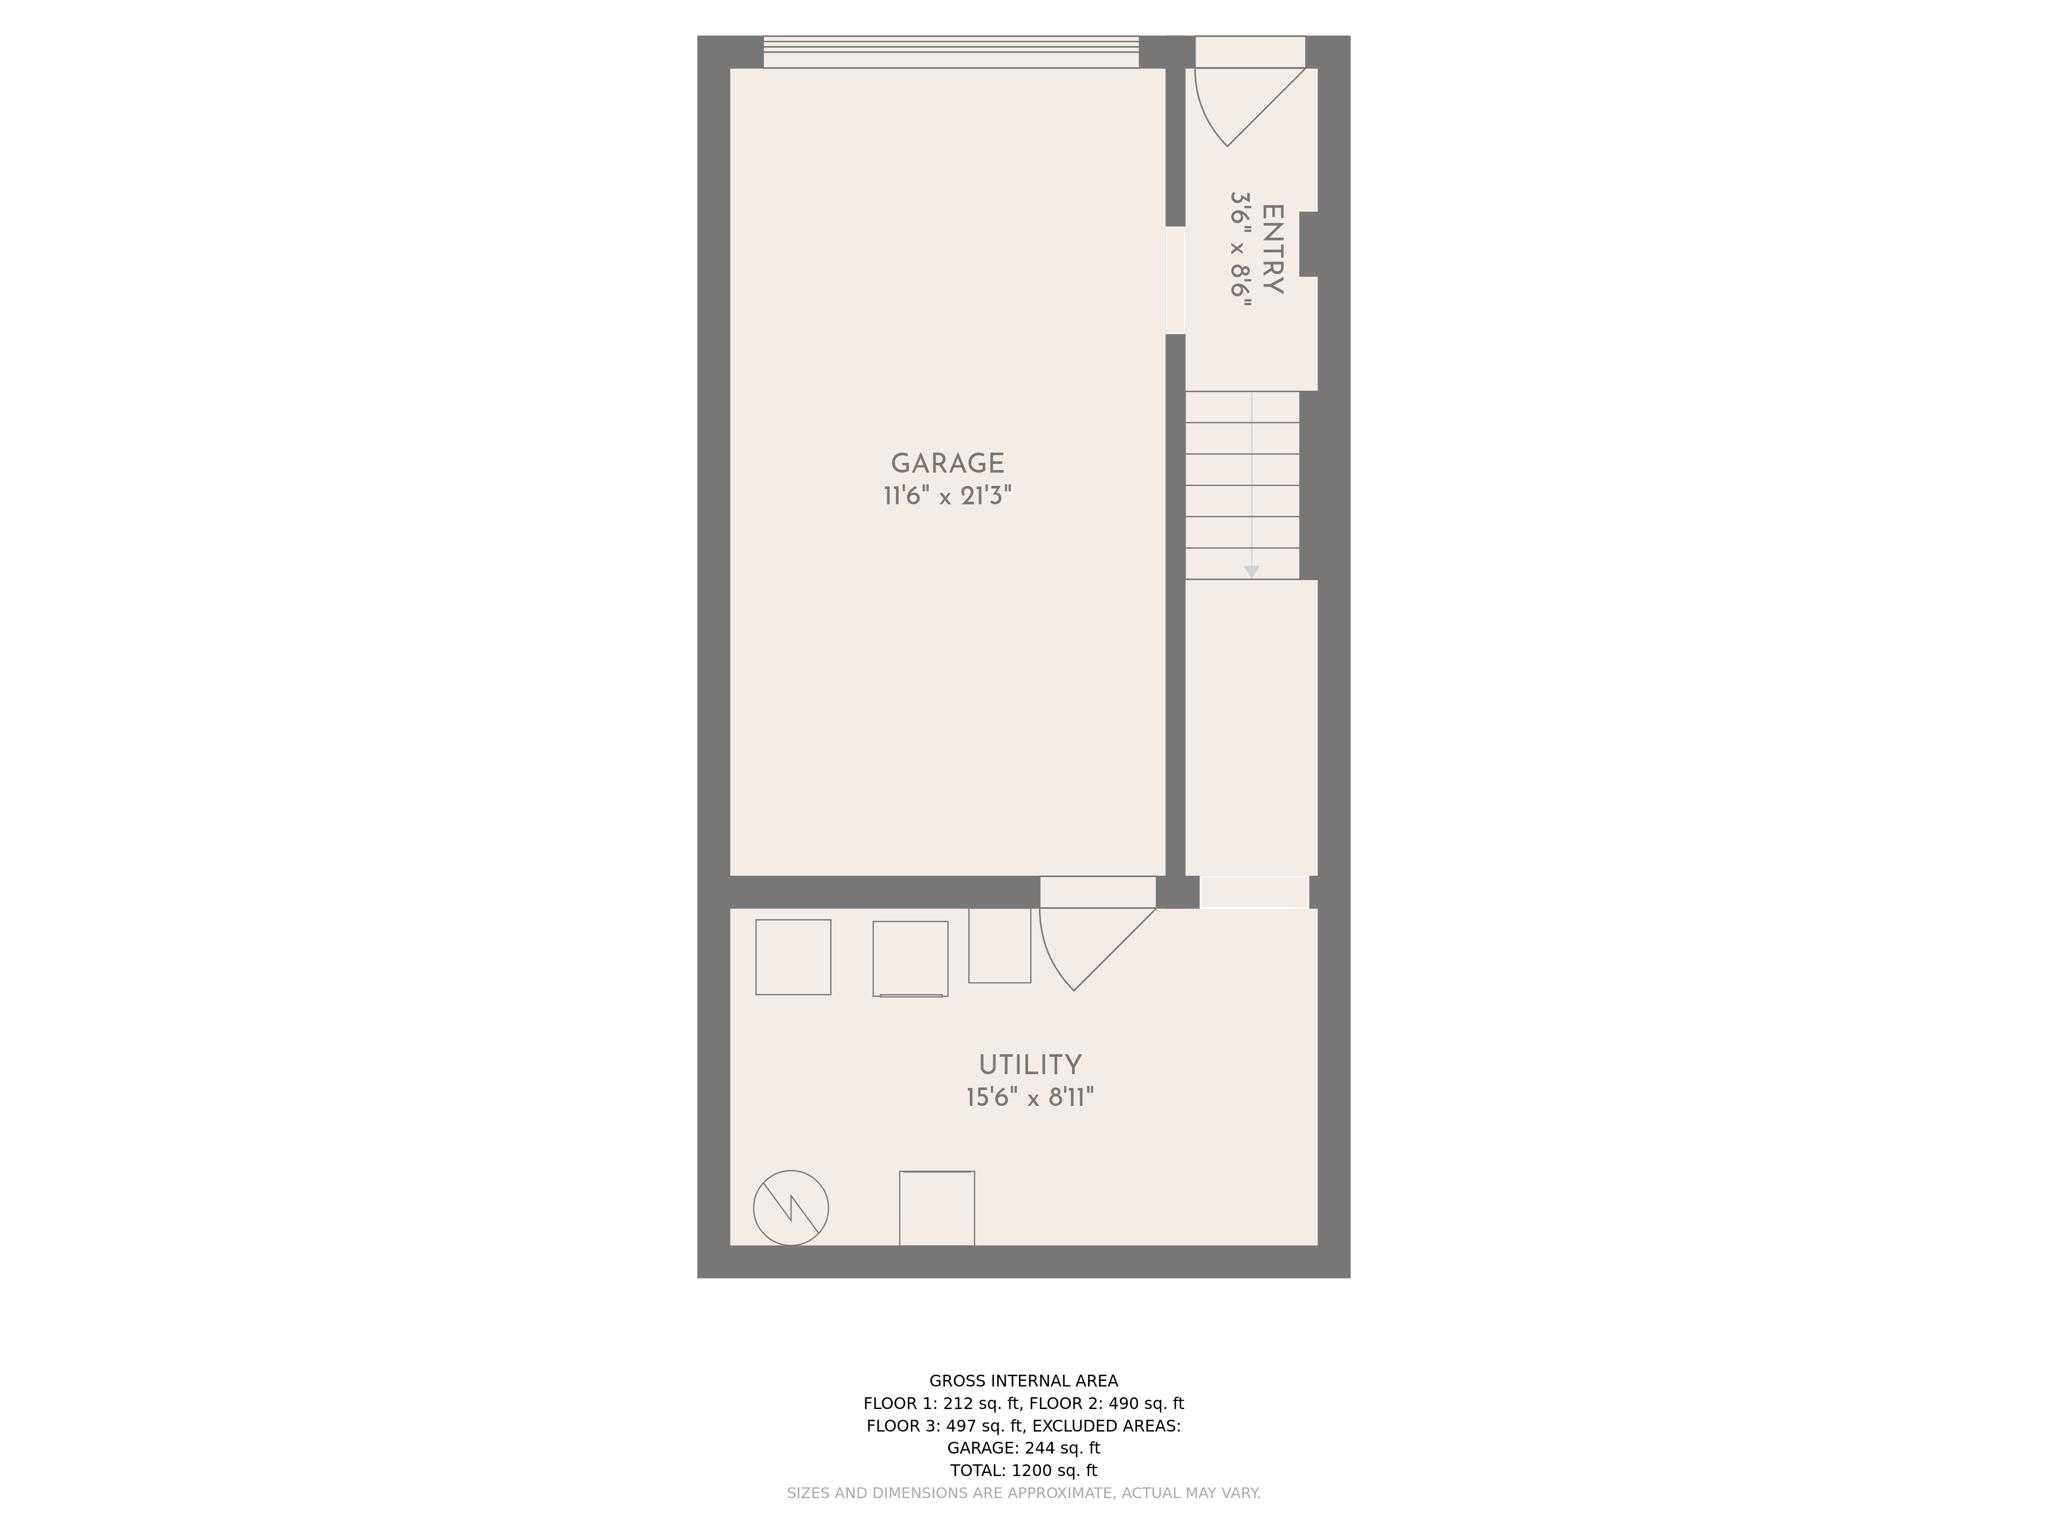 Garage/Laundy/Storage